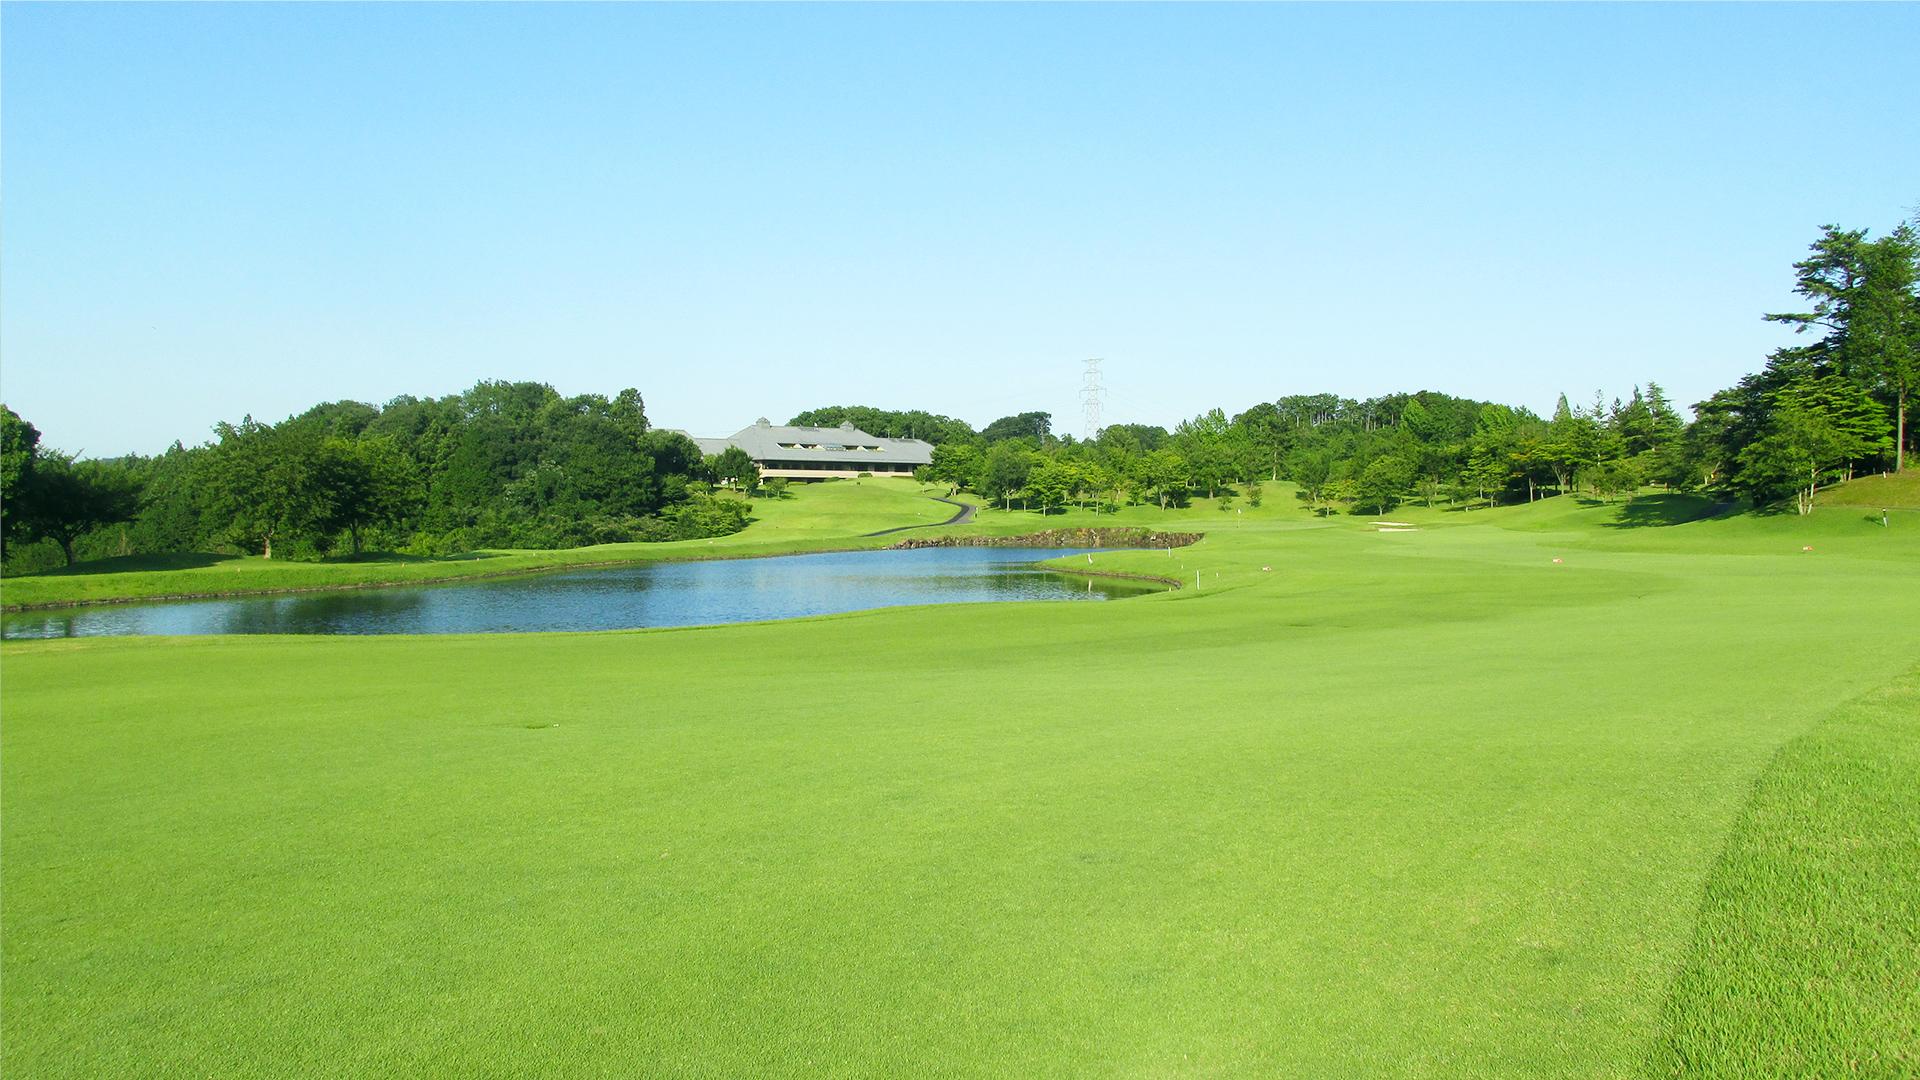 場 自粛 ゴルフ しない のか は ゴルフ場までの乗合せについて|みんなのQ&A